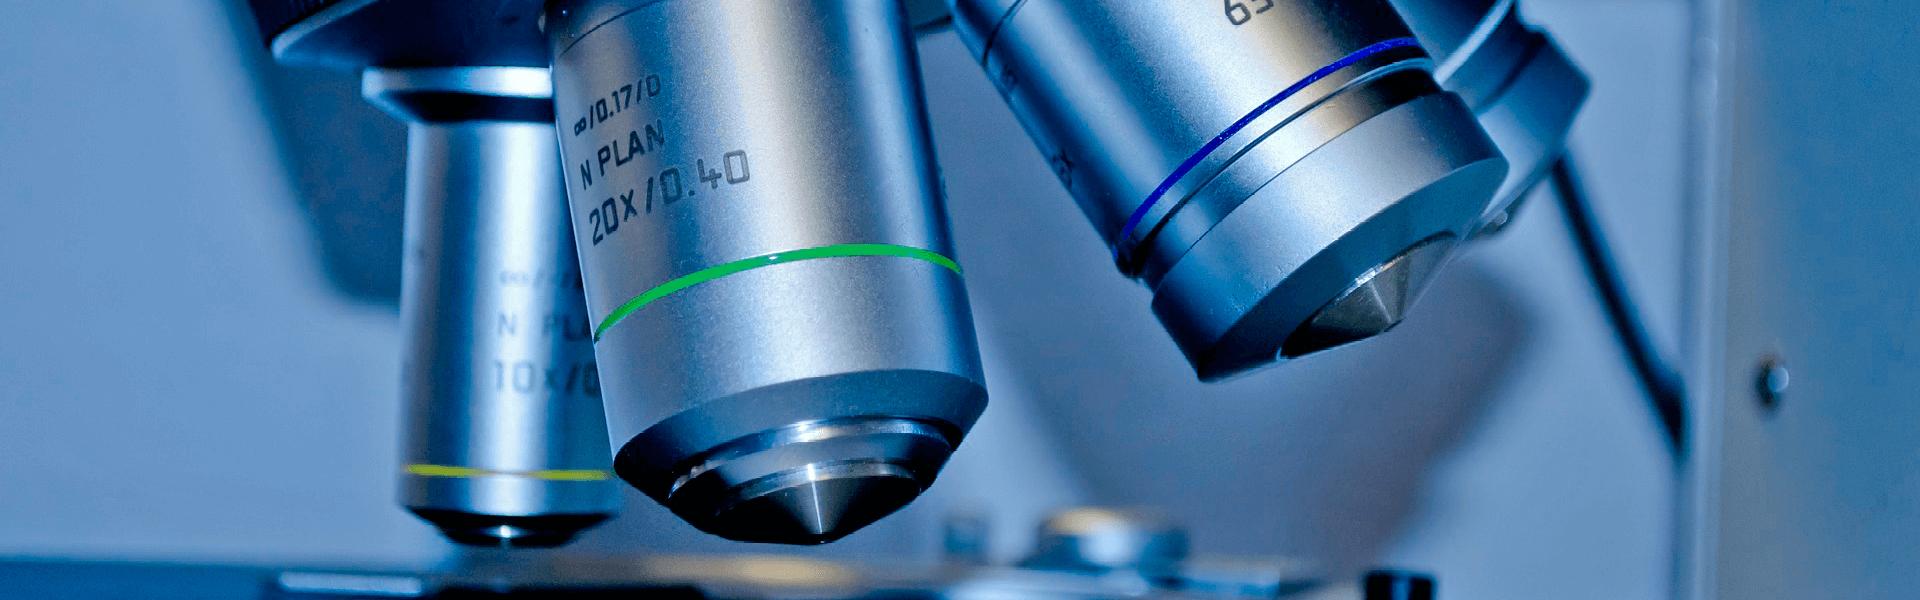 Баннер микроскоп научные исследования Форца10